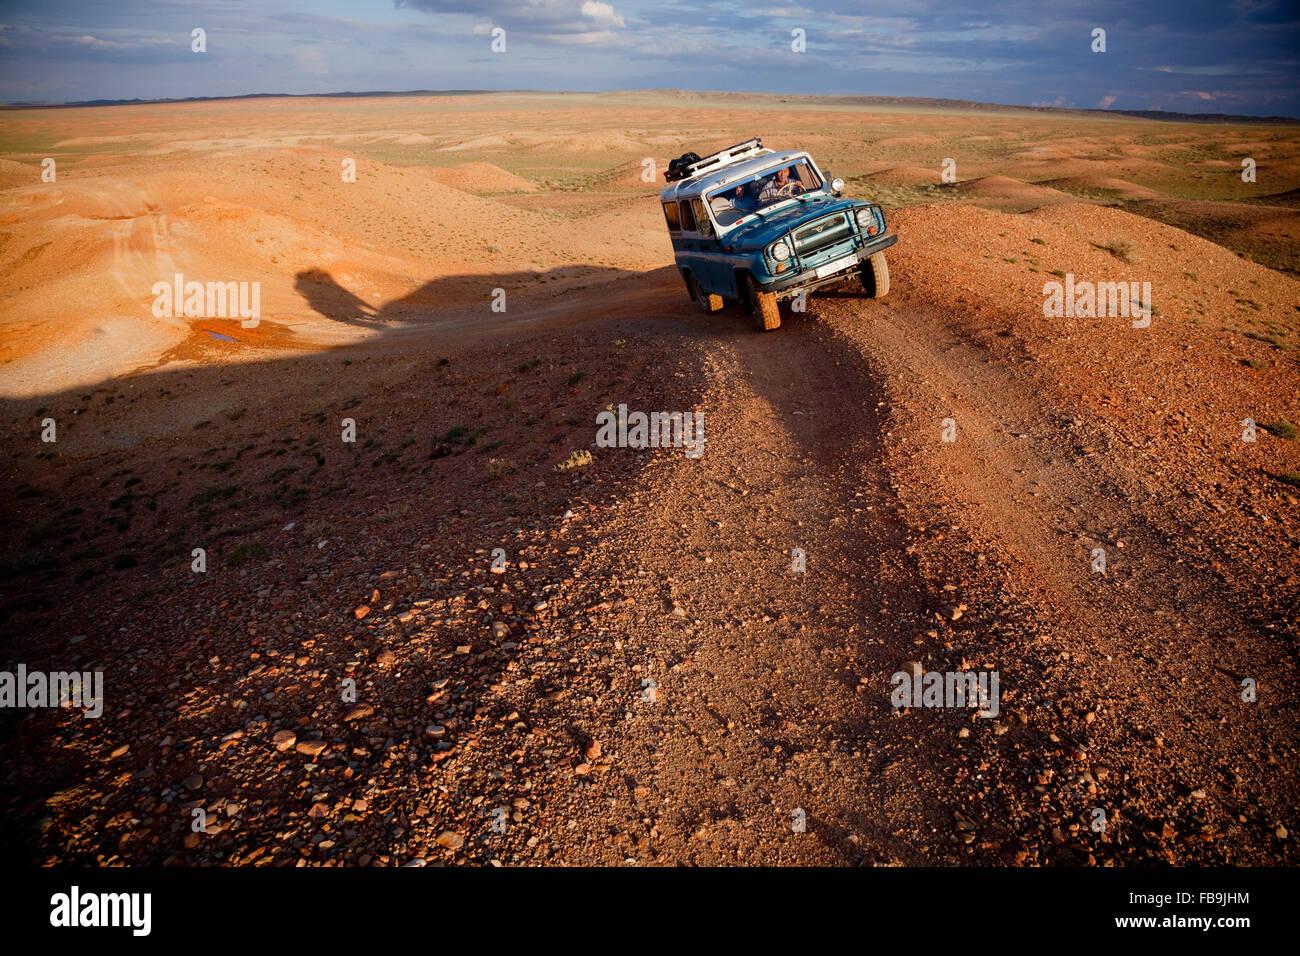 Un 4X4 Russe en action dans le désert de Gobi, en Mongolie. Banque D'Images